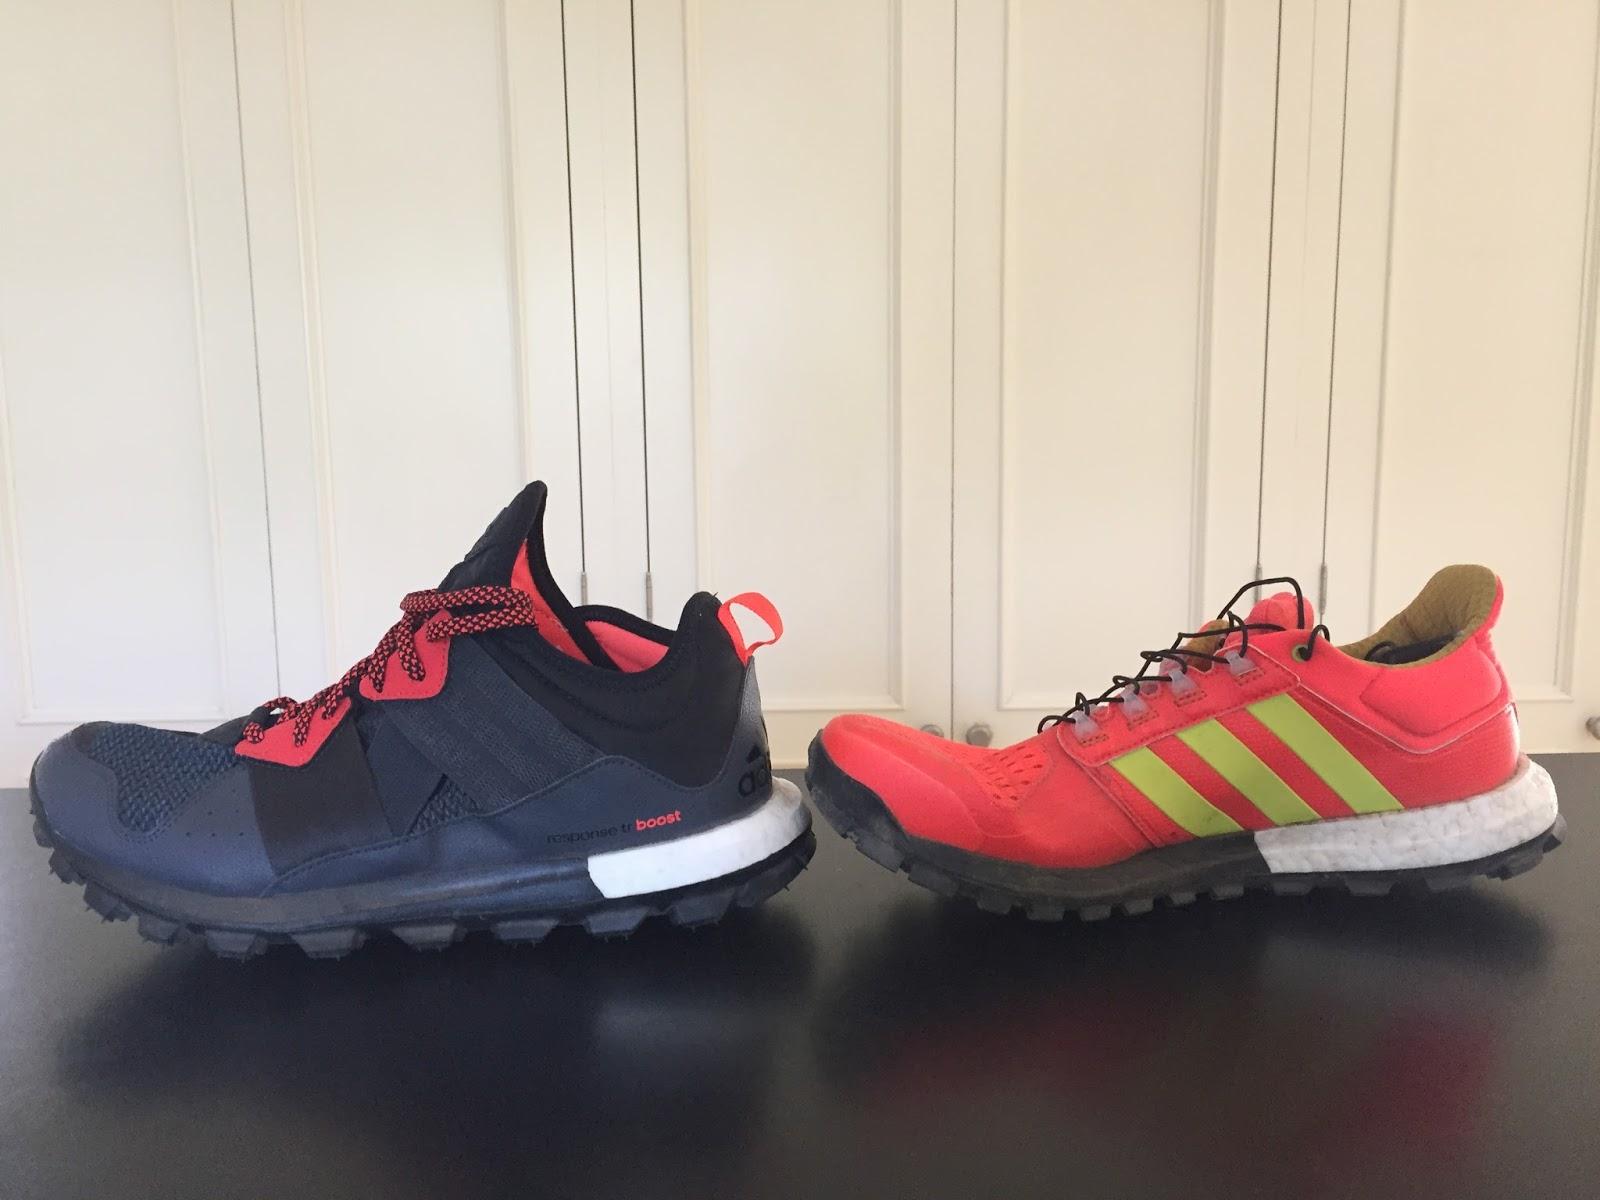 98b42a8f3677 Road Trail Run  First Runs Review  adidas Response Trail Boost ...